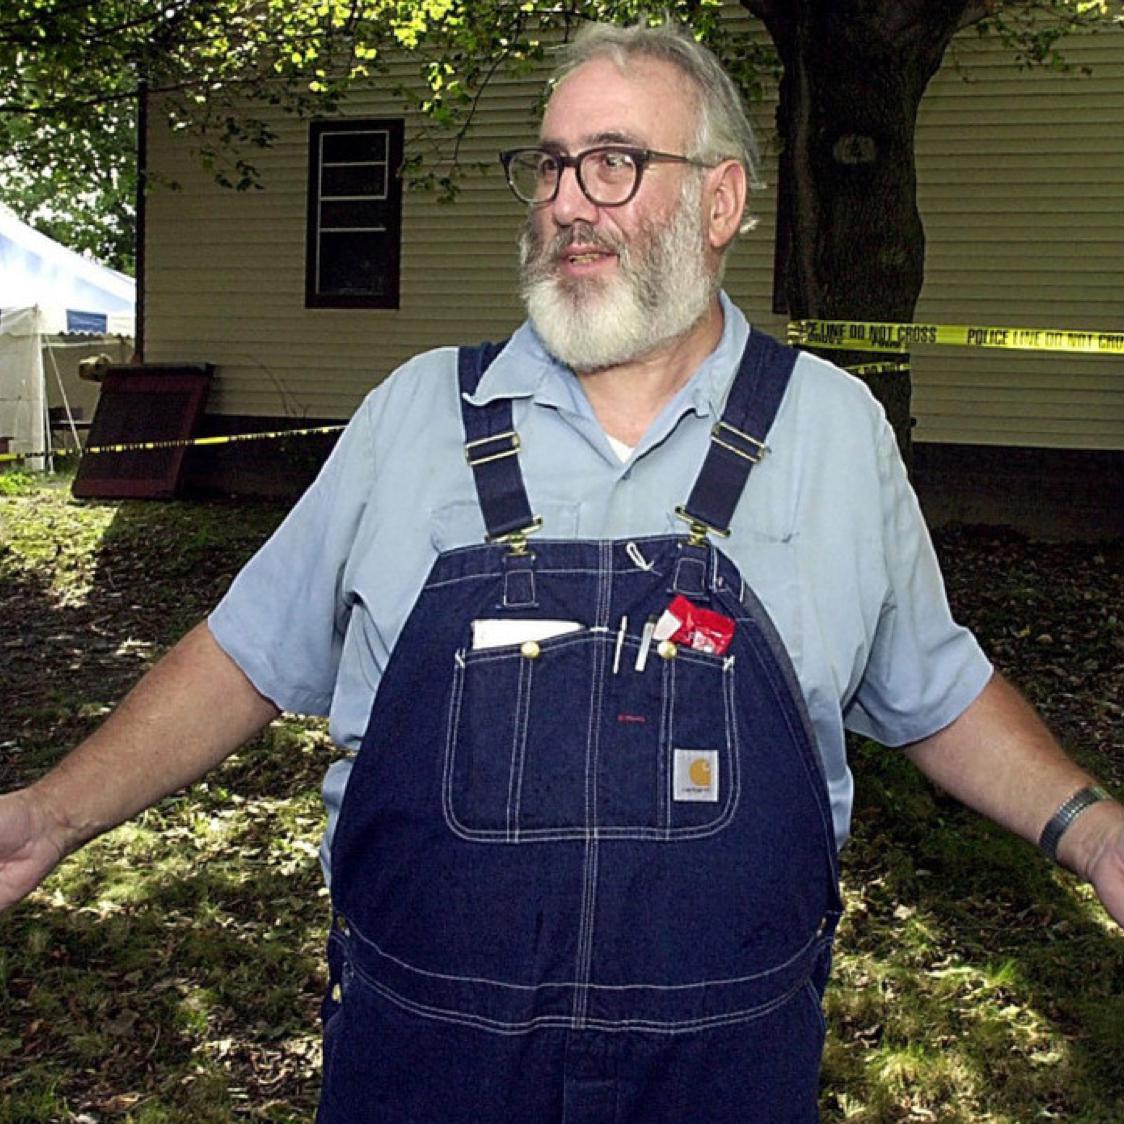 6 Wochen Lag die Leiche von James Roden im TiefkühlFach von Bill Rothstein, einem Freund von Diel-Amstrong. -